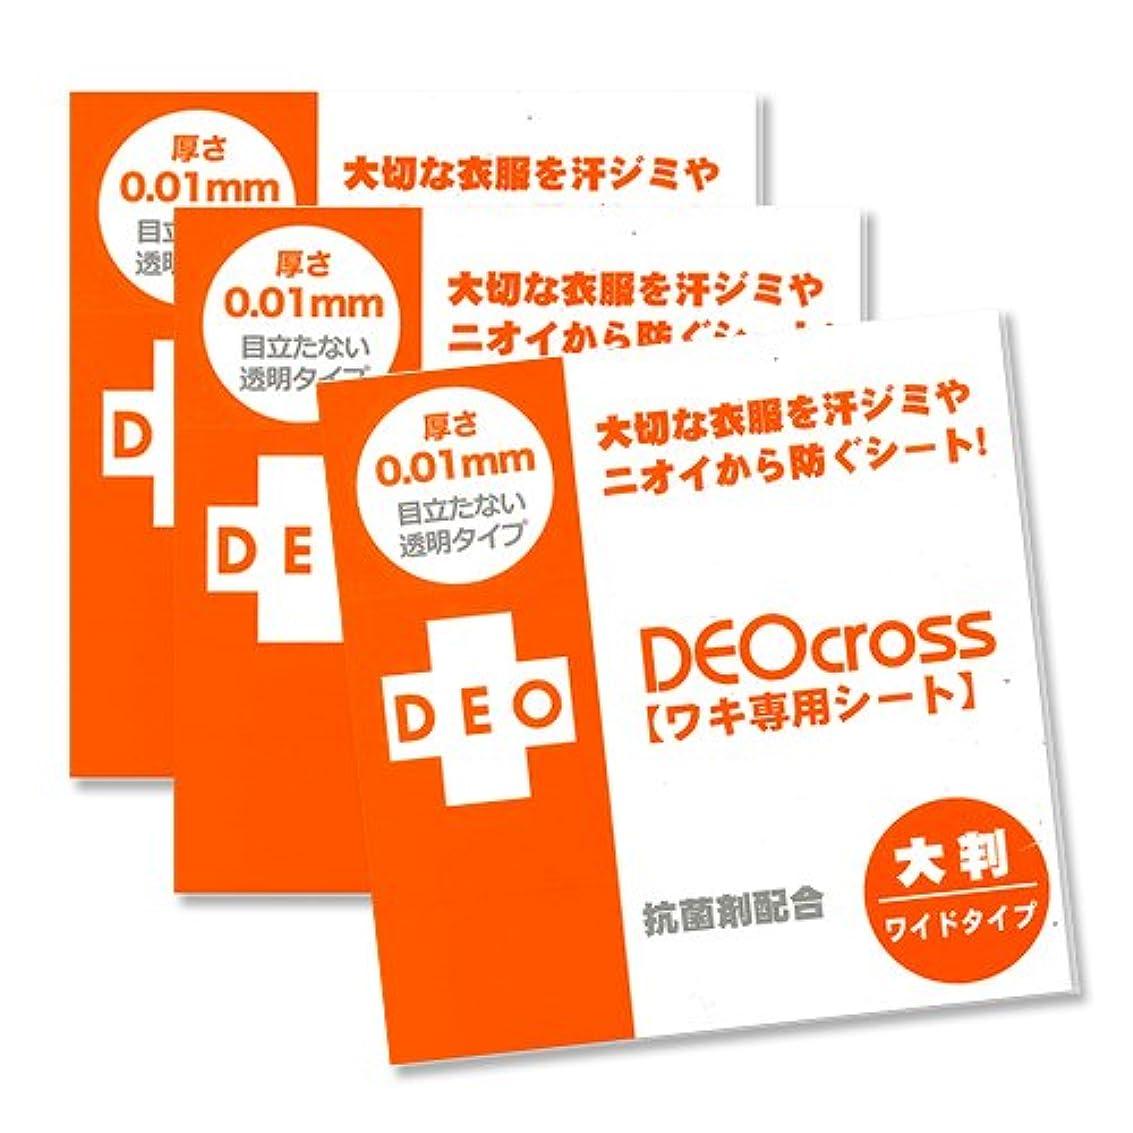 落ち込んでいる紫のミシン目【ワキ専用シート】 デオクロス Deo Cross ワイドタイプ (50枚入りx3個セット)